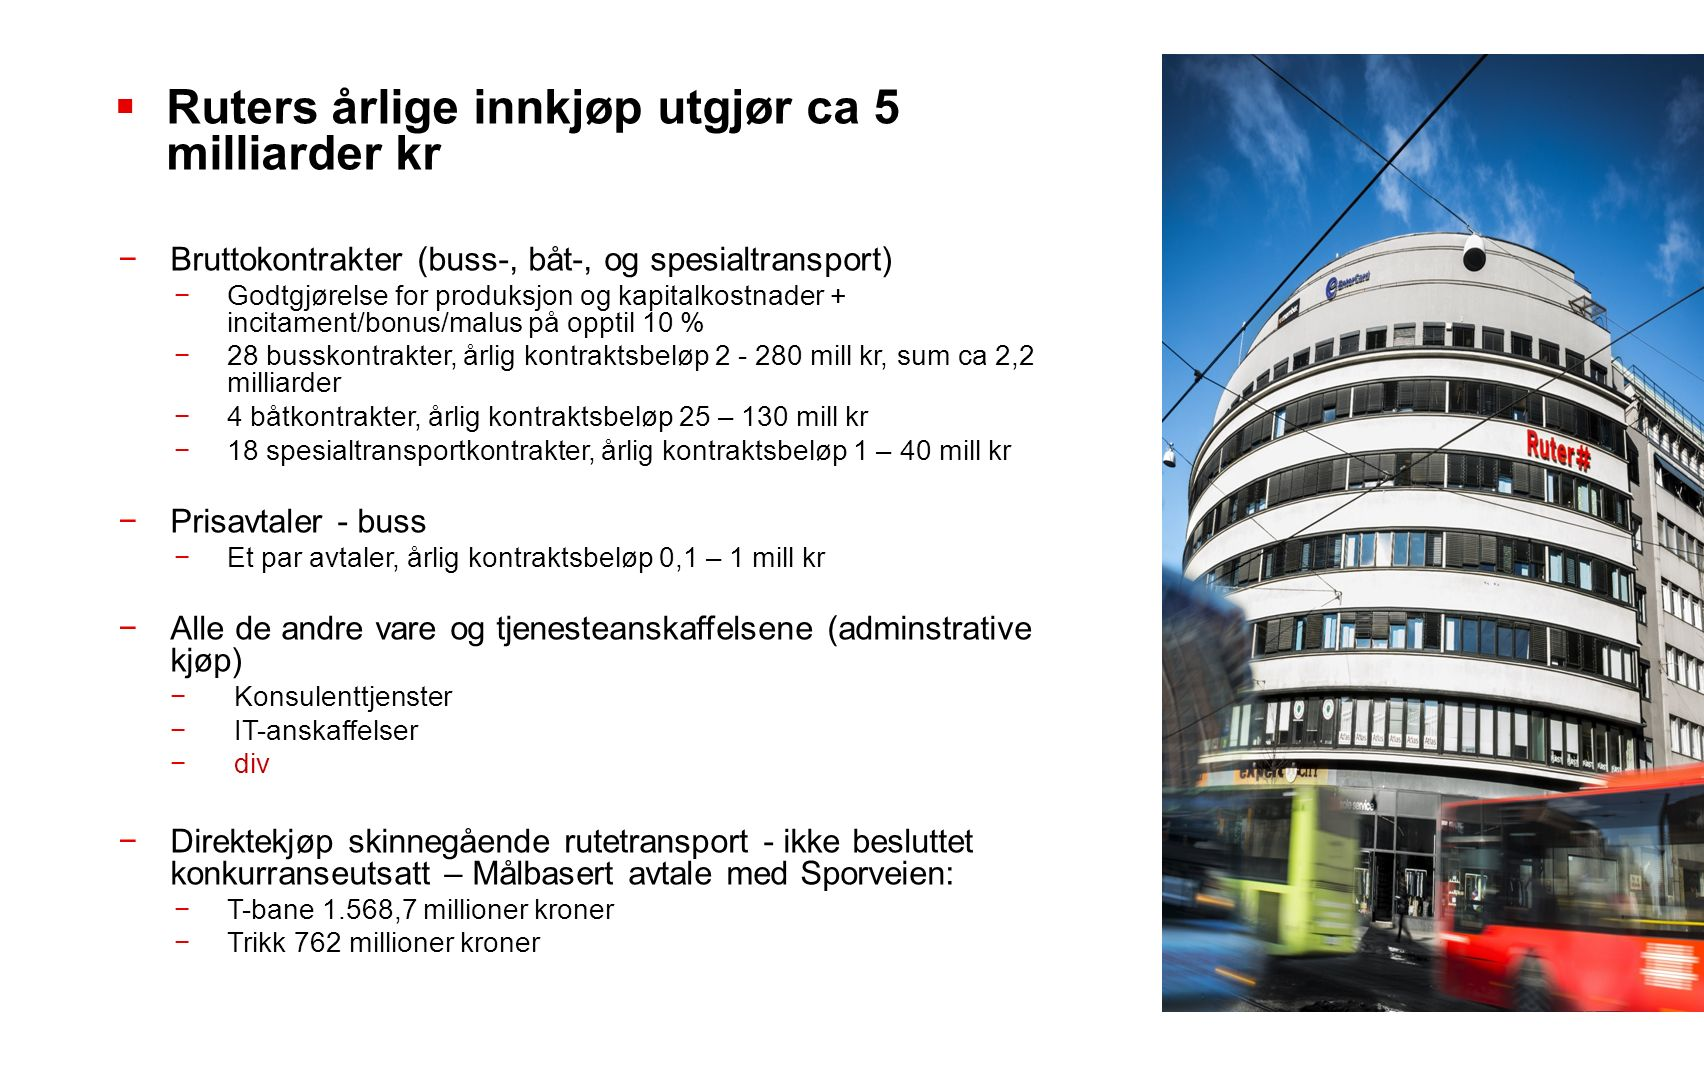  Ruters årlige innkjøp utgjør ca 5 milliarder kr −Bruttokontrakter (buss-, båt-, og spesialtransport) −Godtgjørelse for produksjon og kapitalkostnader + incitament/bonus/malus på opptil 10 % −28 busskontrakter, årlig kontraktsbeløp 2 - 280 mill kr, sum ca 2,2 milliarder −4 båtkontrakter, årlig kontraktsbeløp 25 – 130 mill kr −18 spesialtransportkontrakter, årlig kontraktsbeløp 1 – 40 mill kr −Prisavtaler - buss −Et par avtaler, årlig kontraktsbeløp 0,1 – 1 mill kr −Alle de andre vare og tjenesteanskaffelsene (adminstrative kjøp) −Konsulenttjenster −IT-anskaffelser −div −Direktekjøp skinnegående rutetransport - ikke besluttet konkurranseutsatt – Målbasert avtale med Sporveien: −T-bane 1.568,7 millioner kroner −Trikk 762 millioner kroner